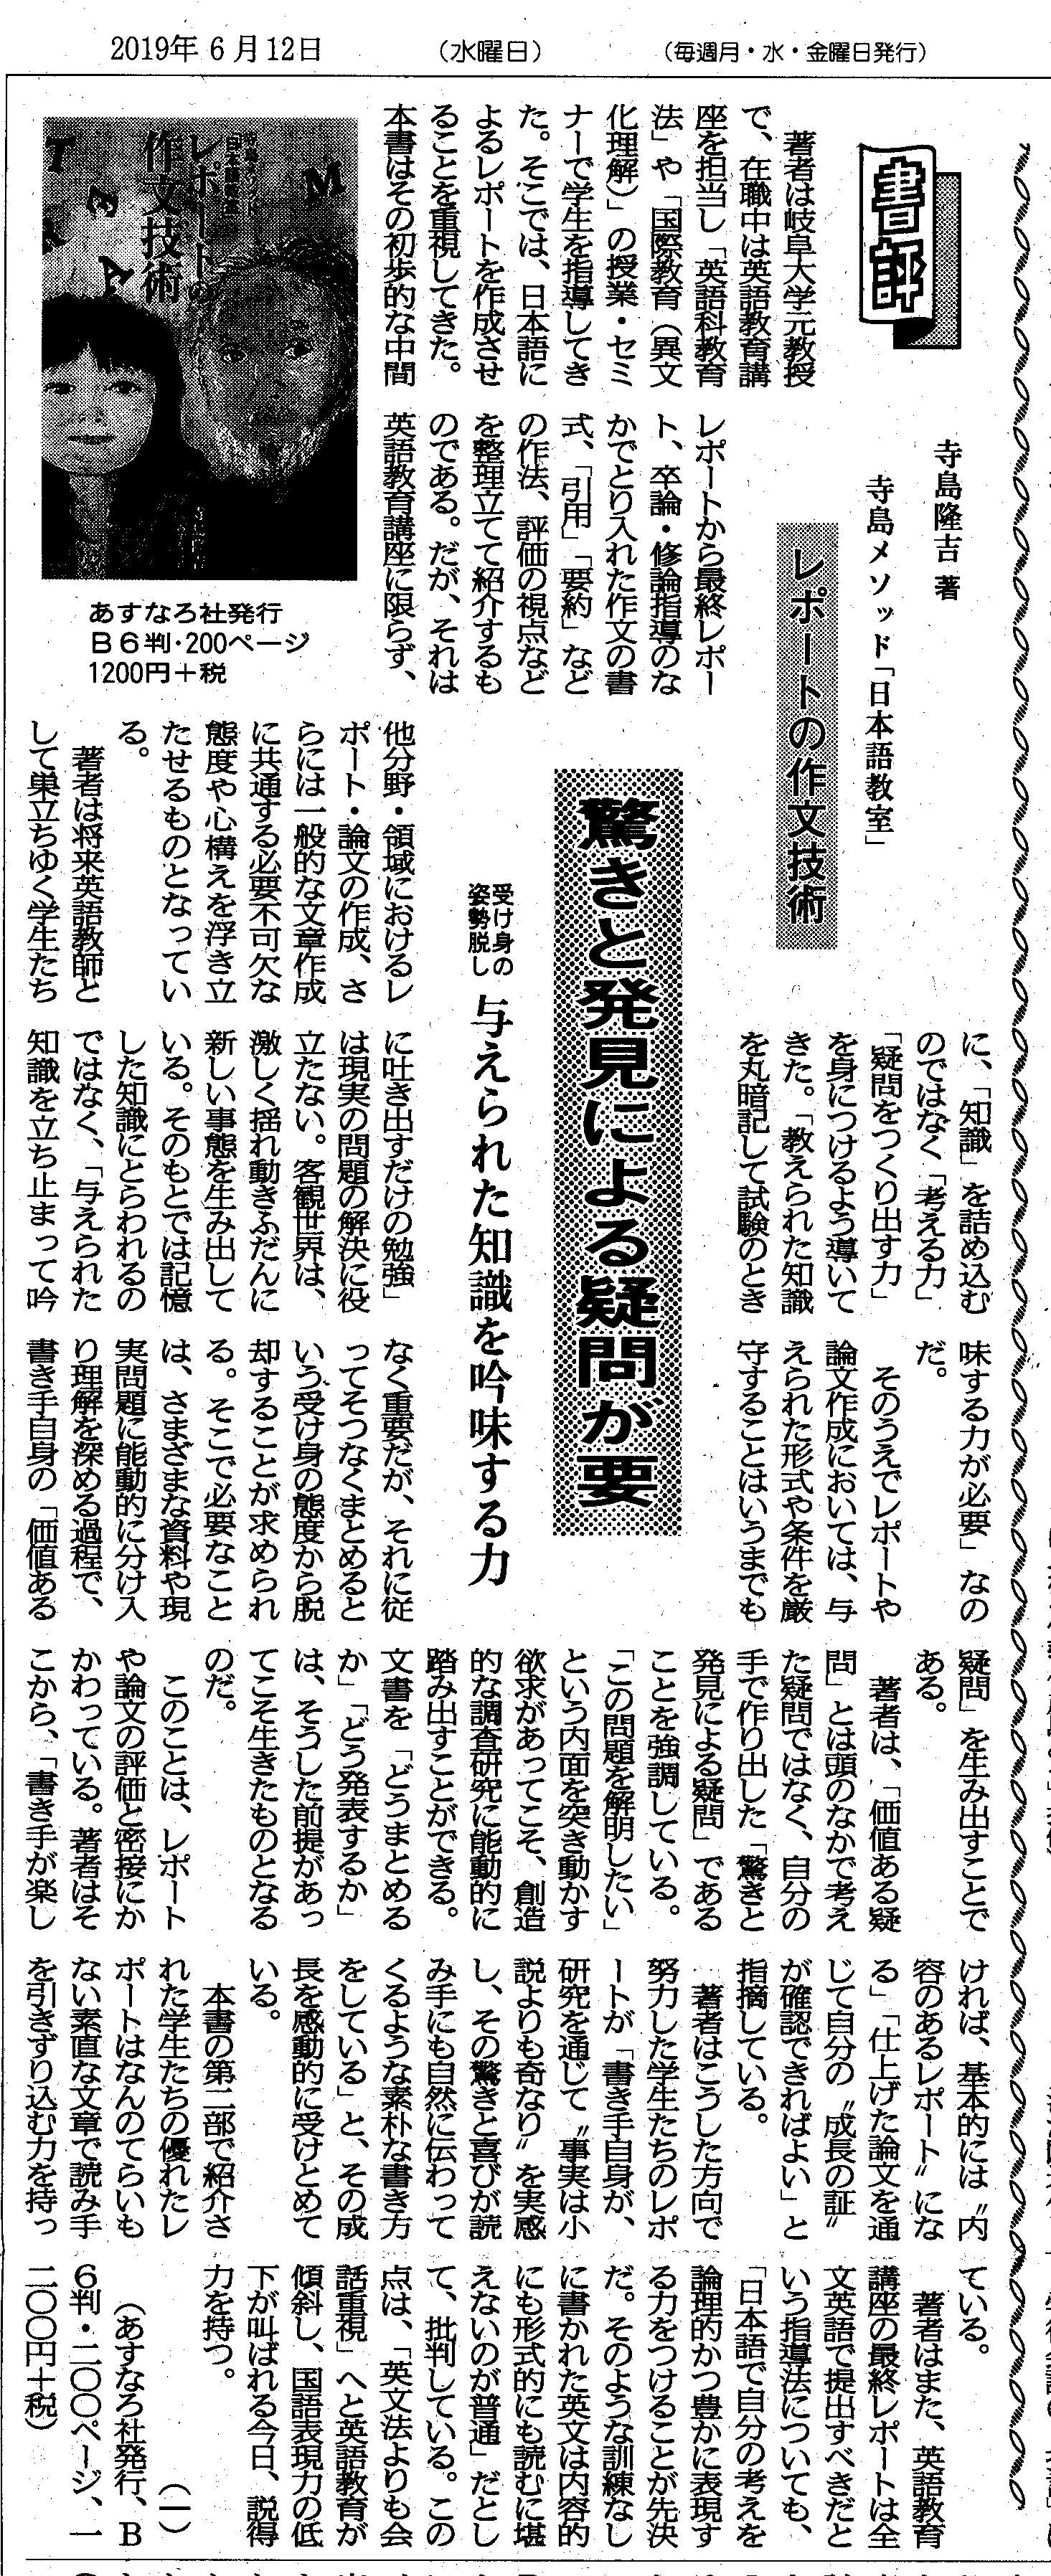 書評 長周新聞『レポートの作文技術』 (縦長)